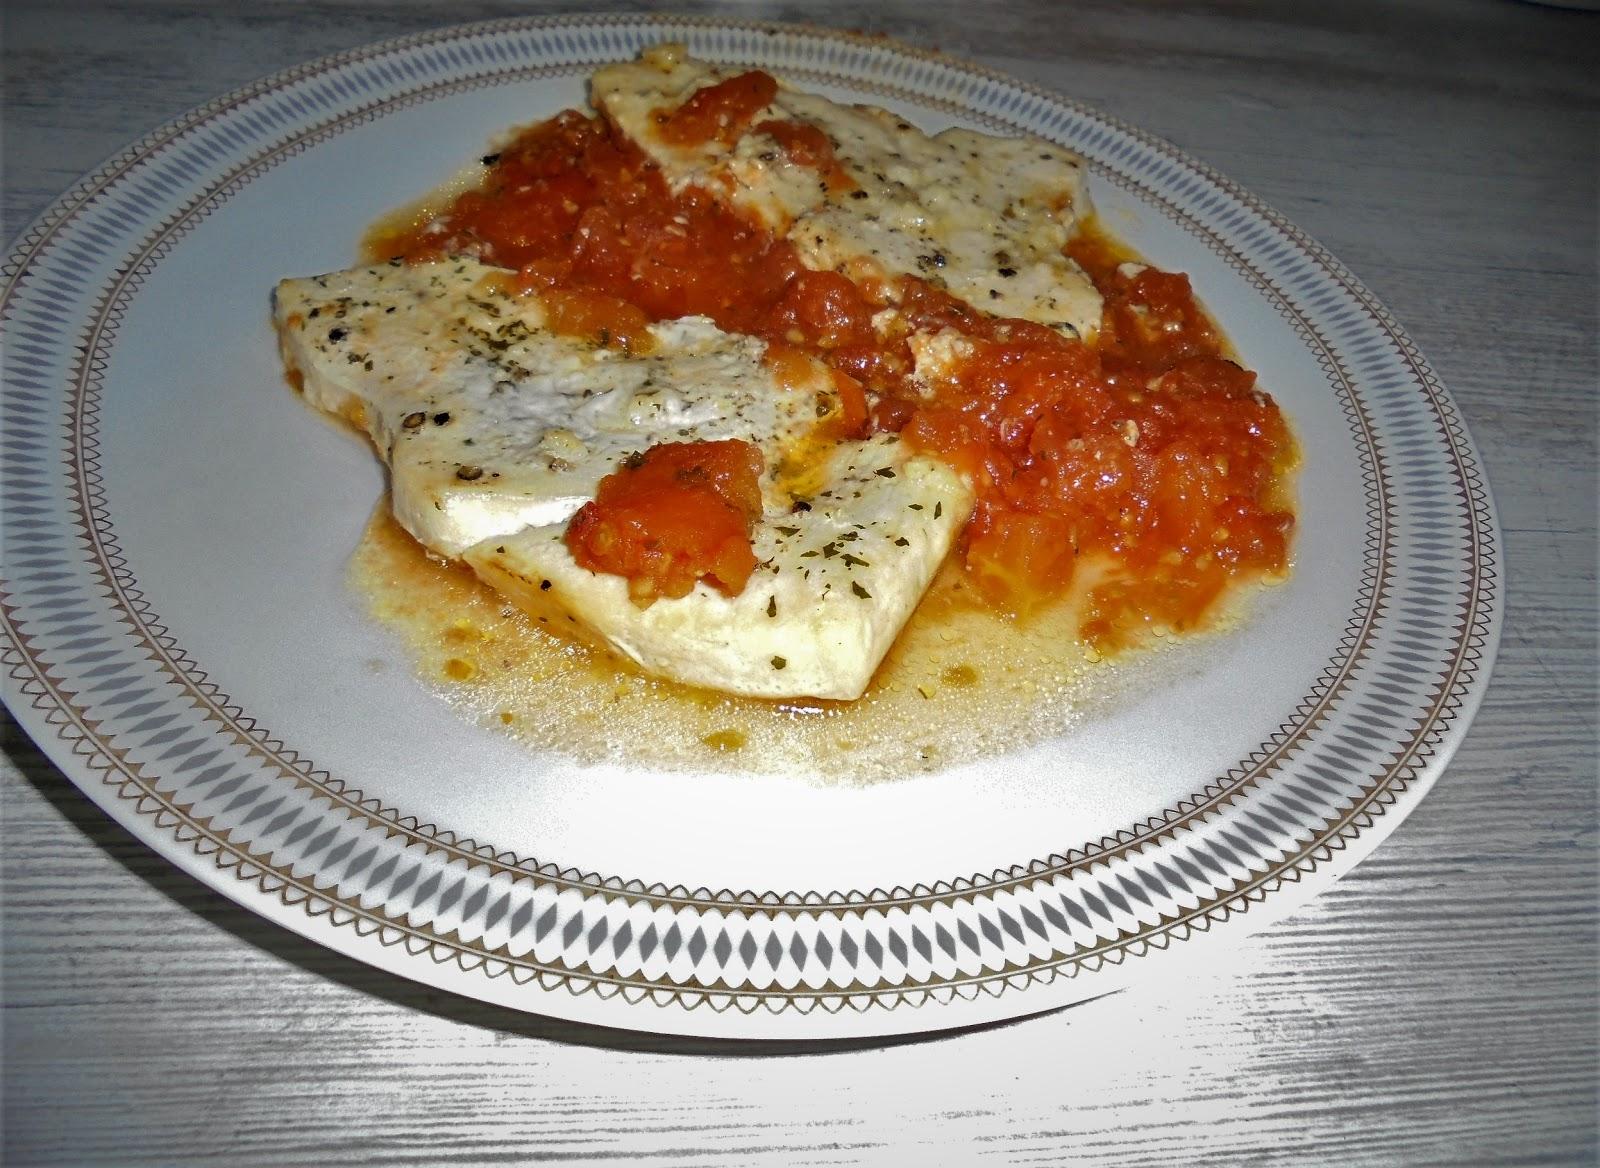 Mama lo cocina pez espada con tomate al horno for Cocinar pez espada al horno